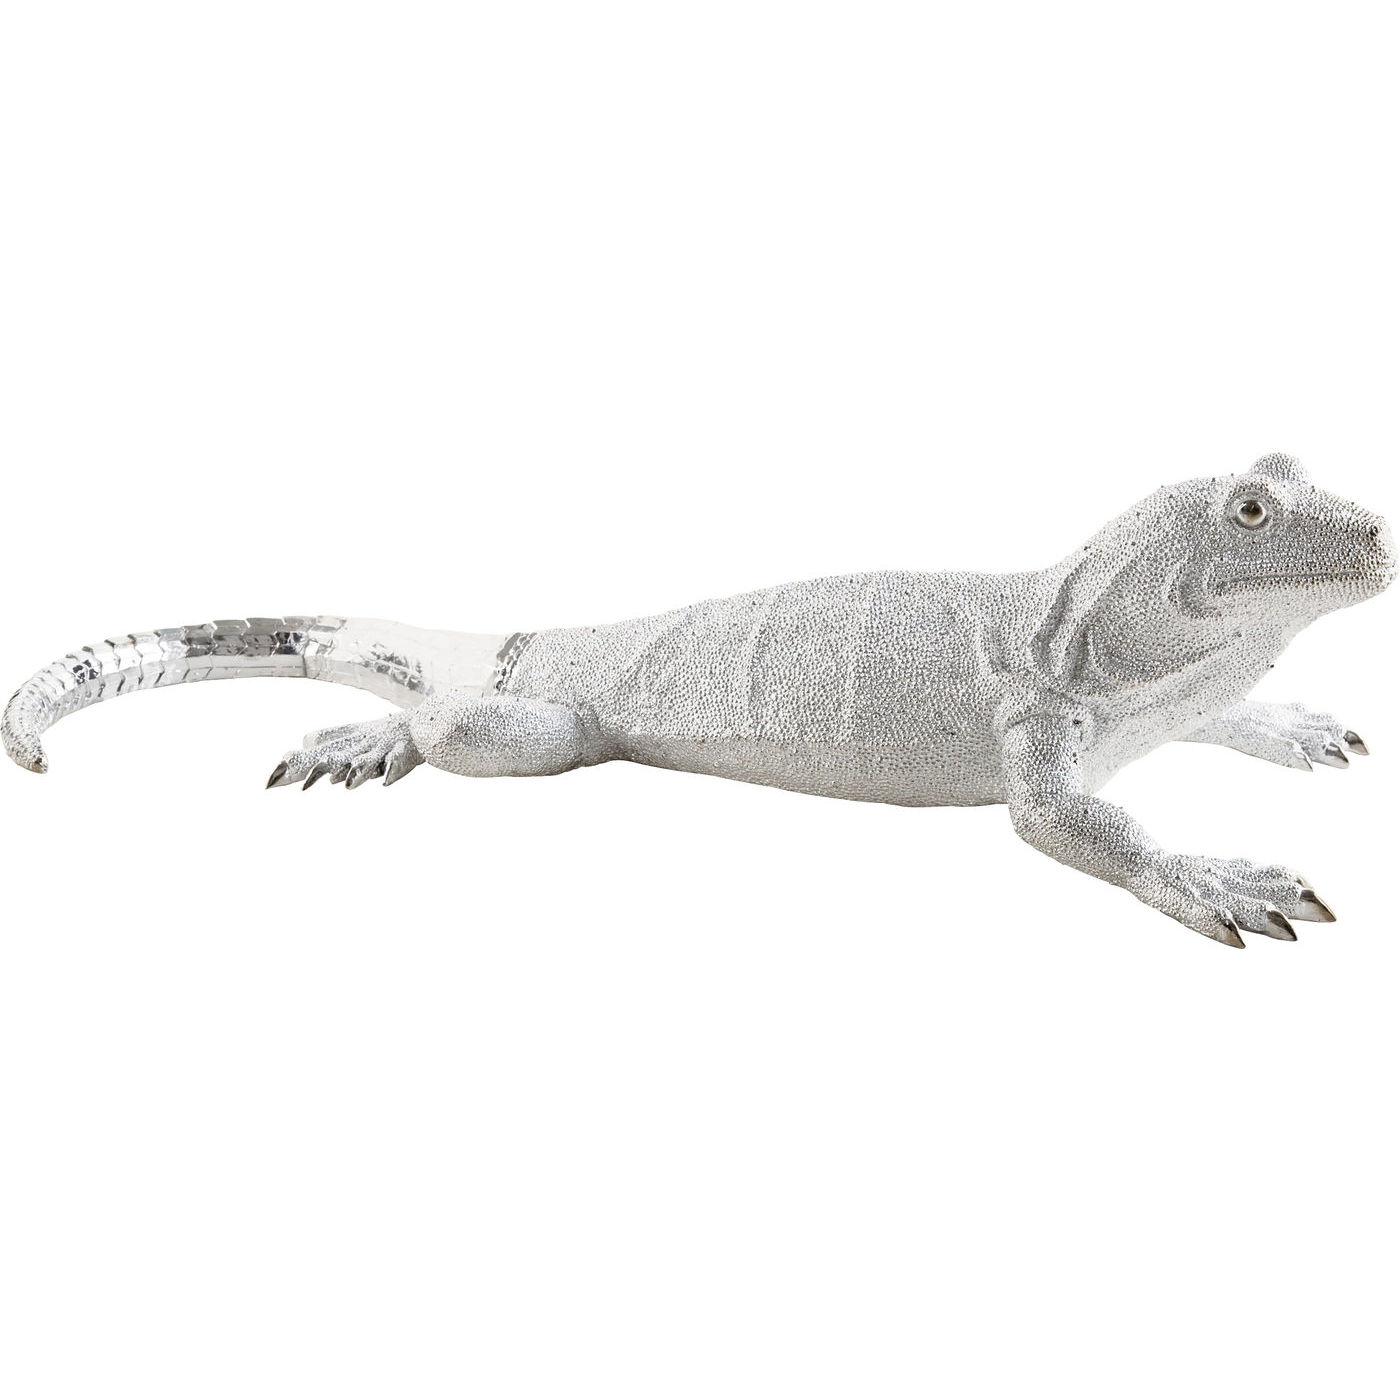 Image of   KARE DESIGN Skulptur, Lizard Silver Deluxe